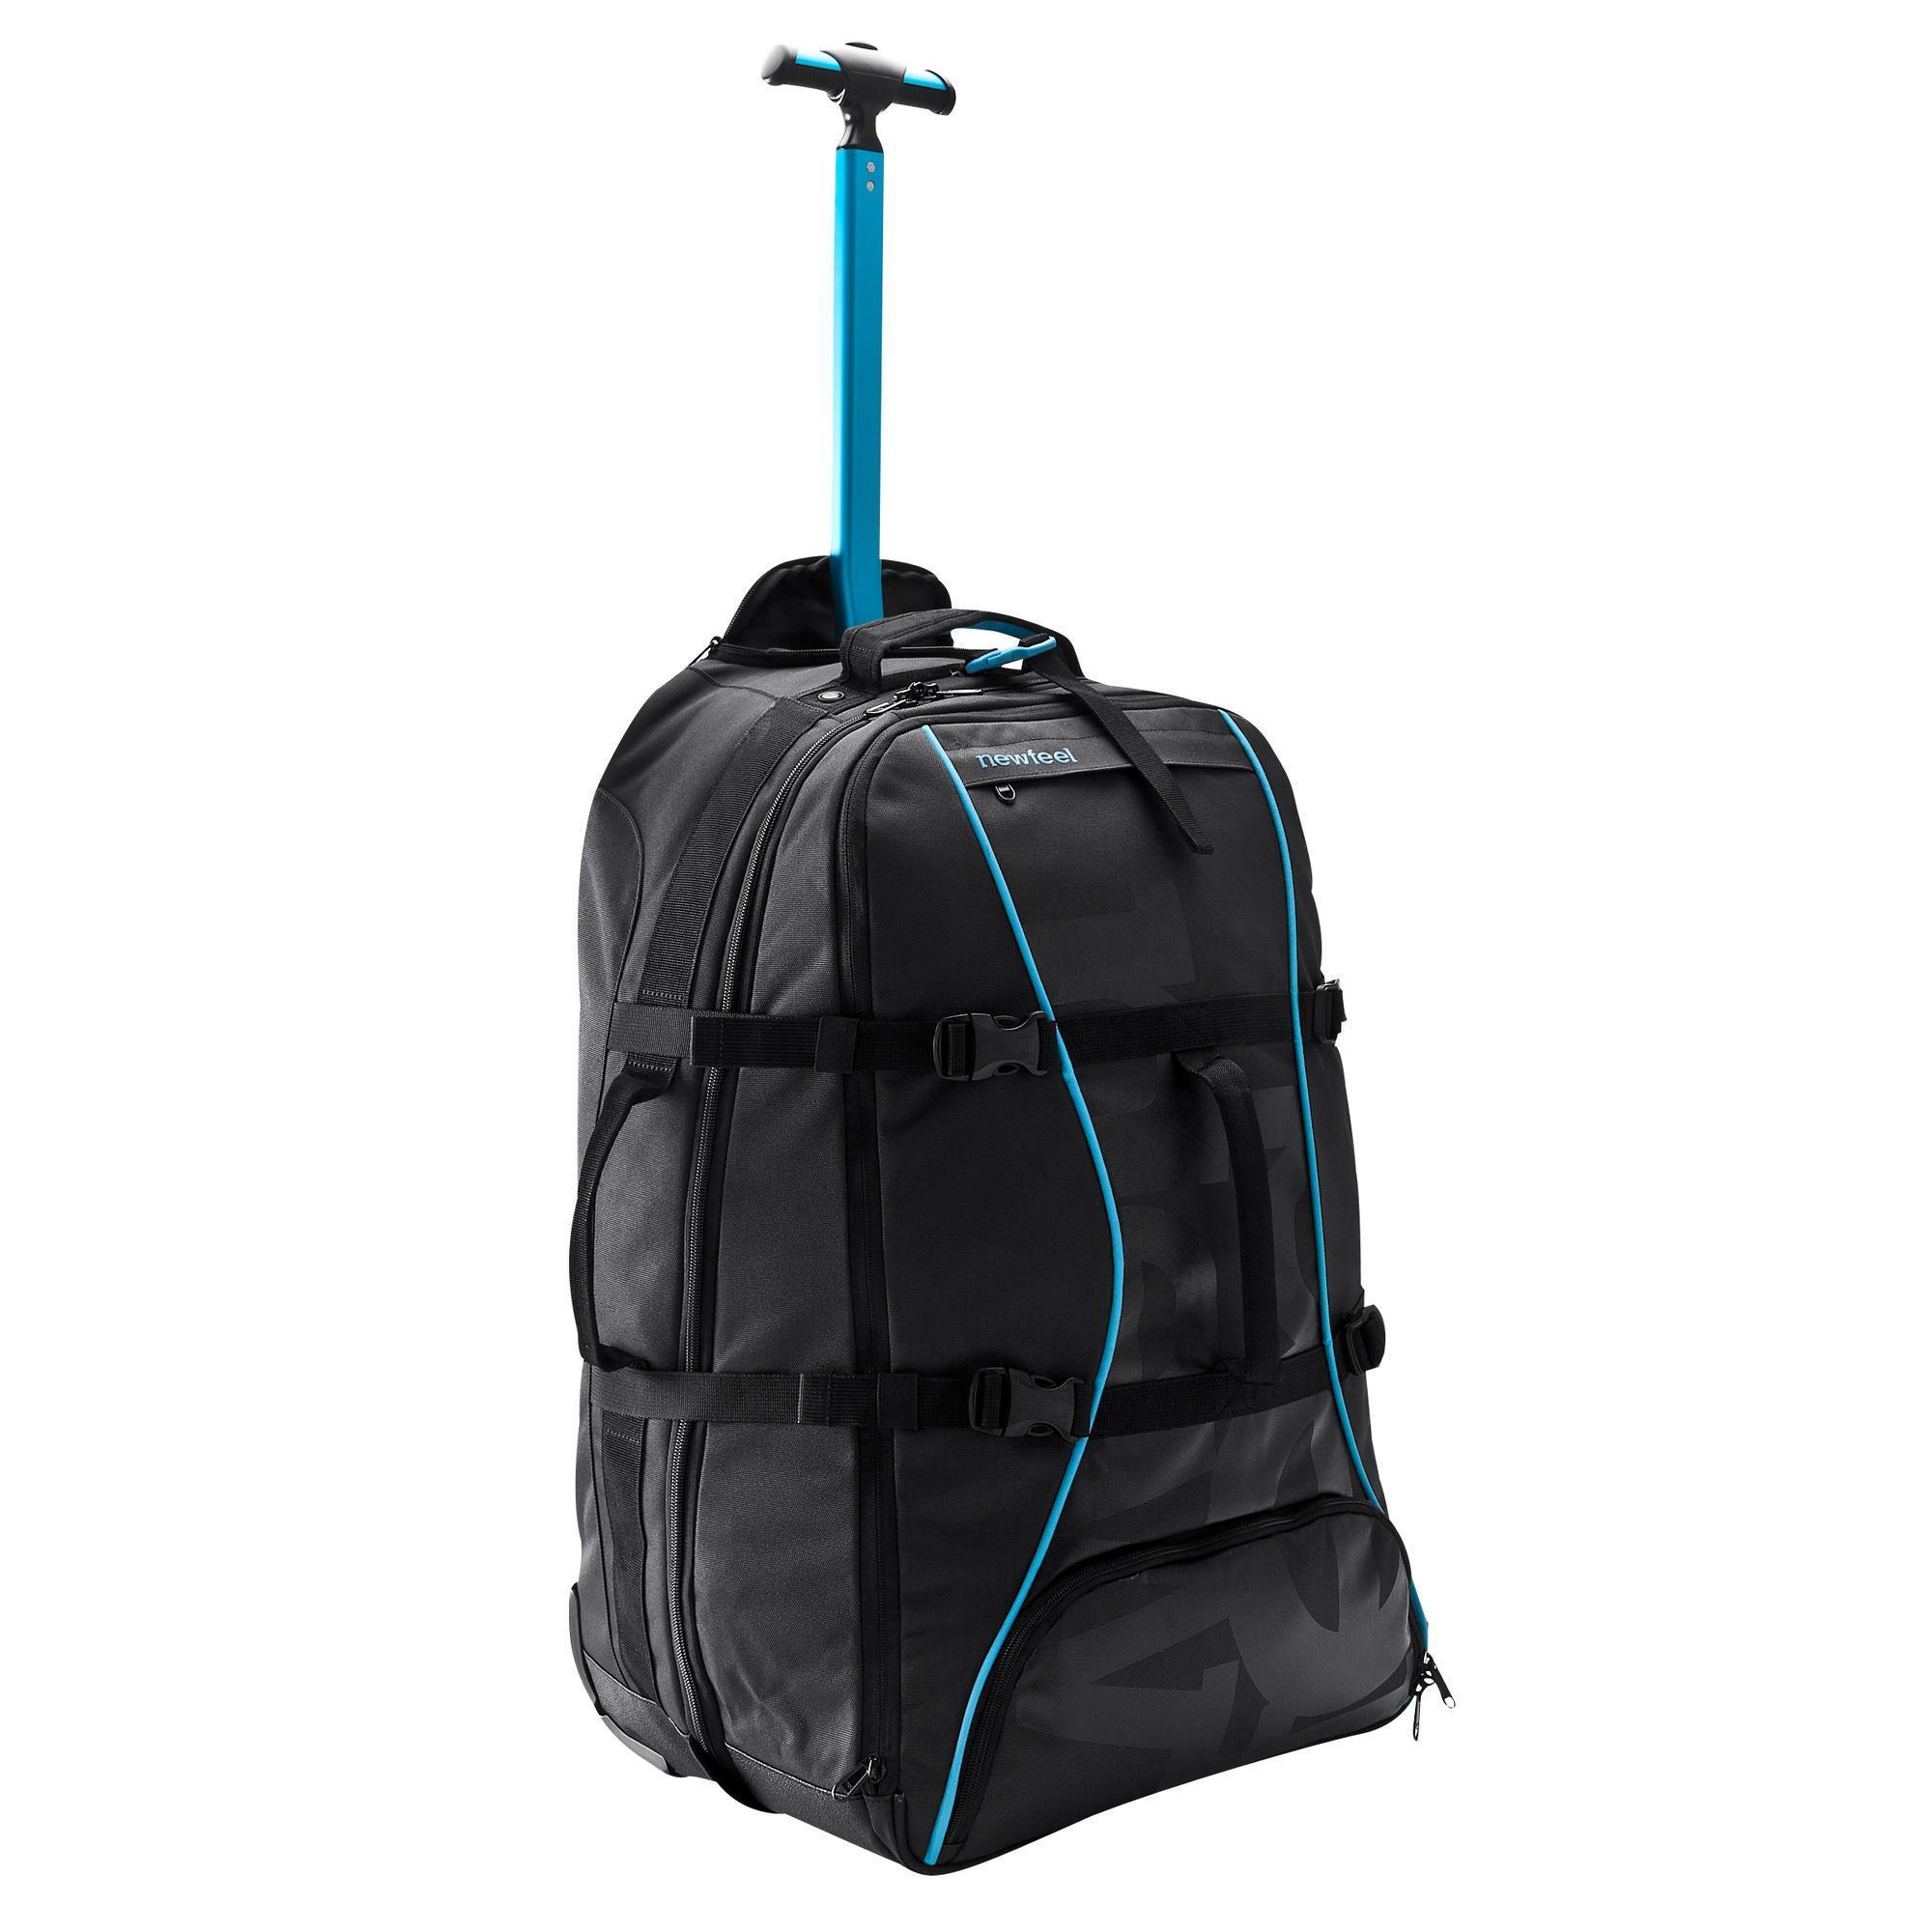 valise roulettes sac dos sport 60l noir bleu newfeel. Black Bedroom Furniture Sets. Home Design Ideas